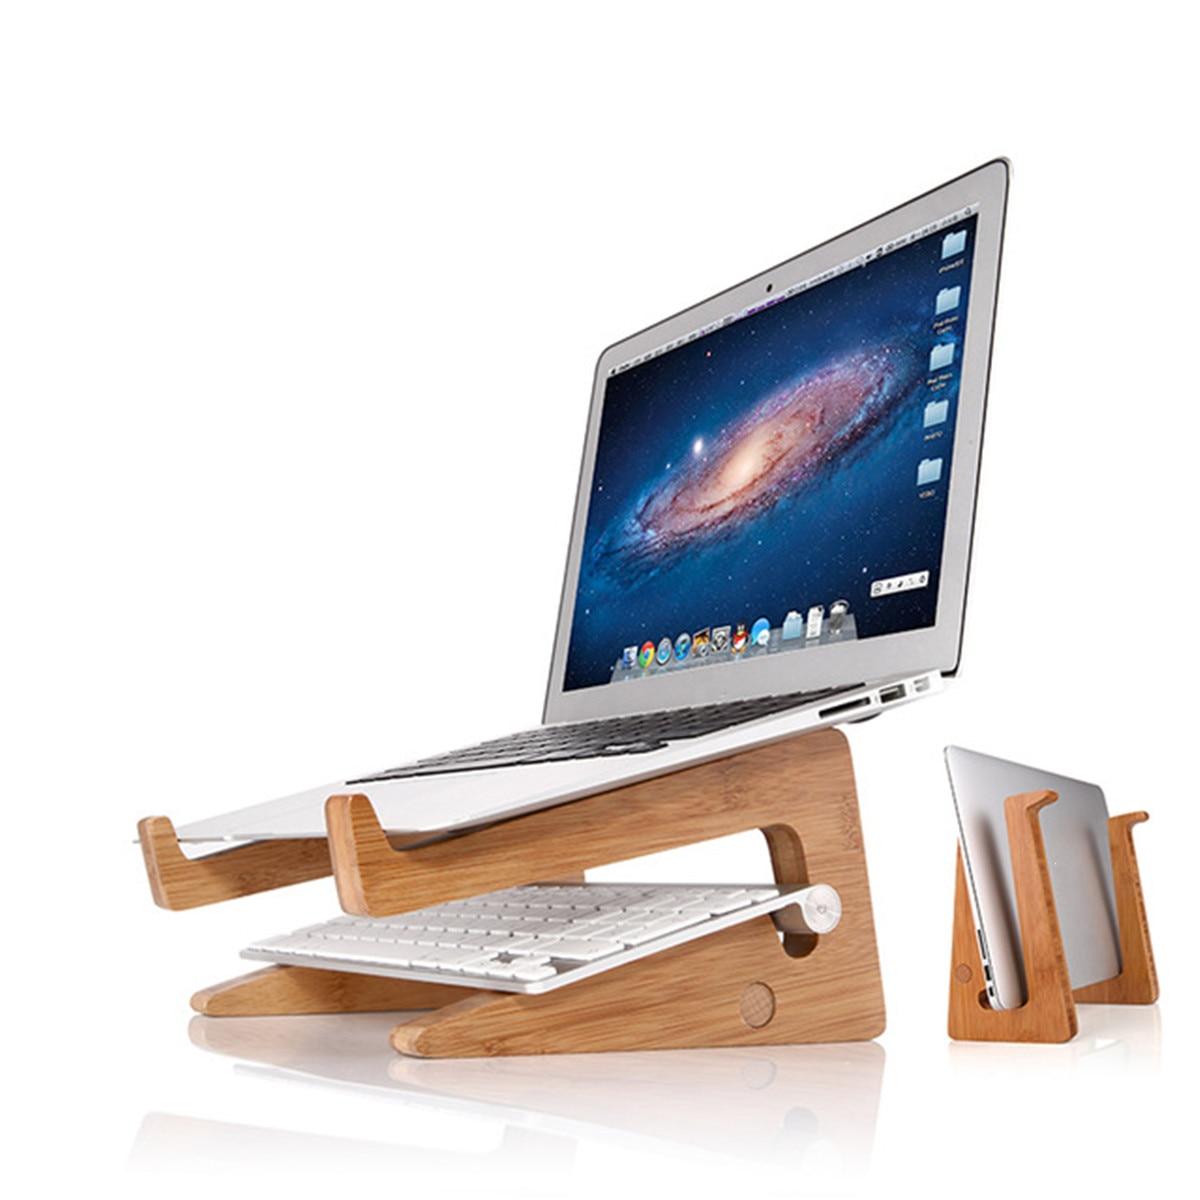 Портативный Подставки для ноутбуков с охлаждения Функция Съемная ноутбук стол Авто держатели для ноутбука деревянный держатель для MacBook Пл...